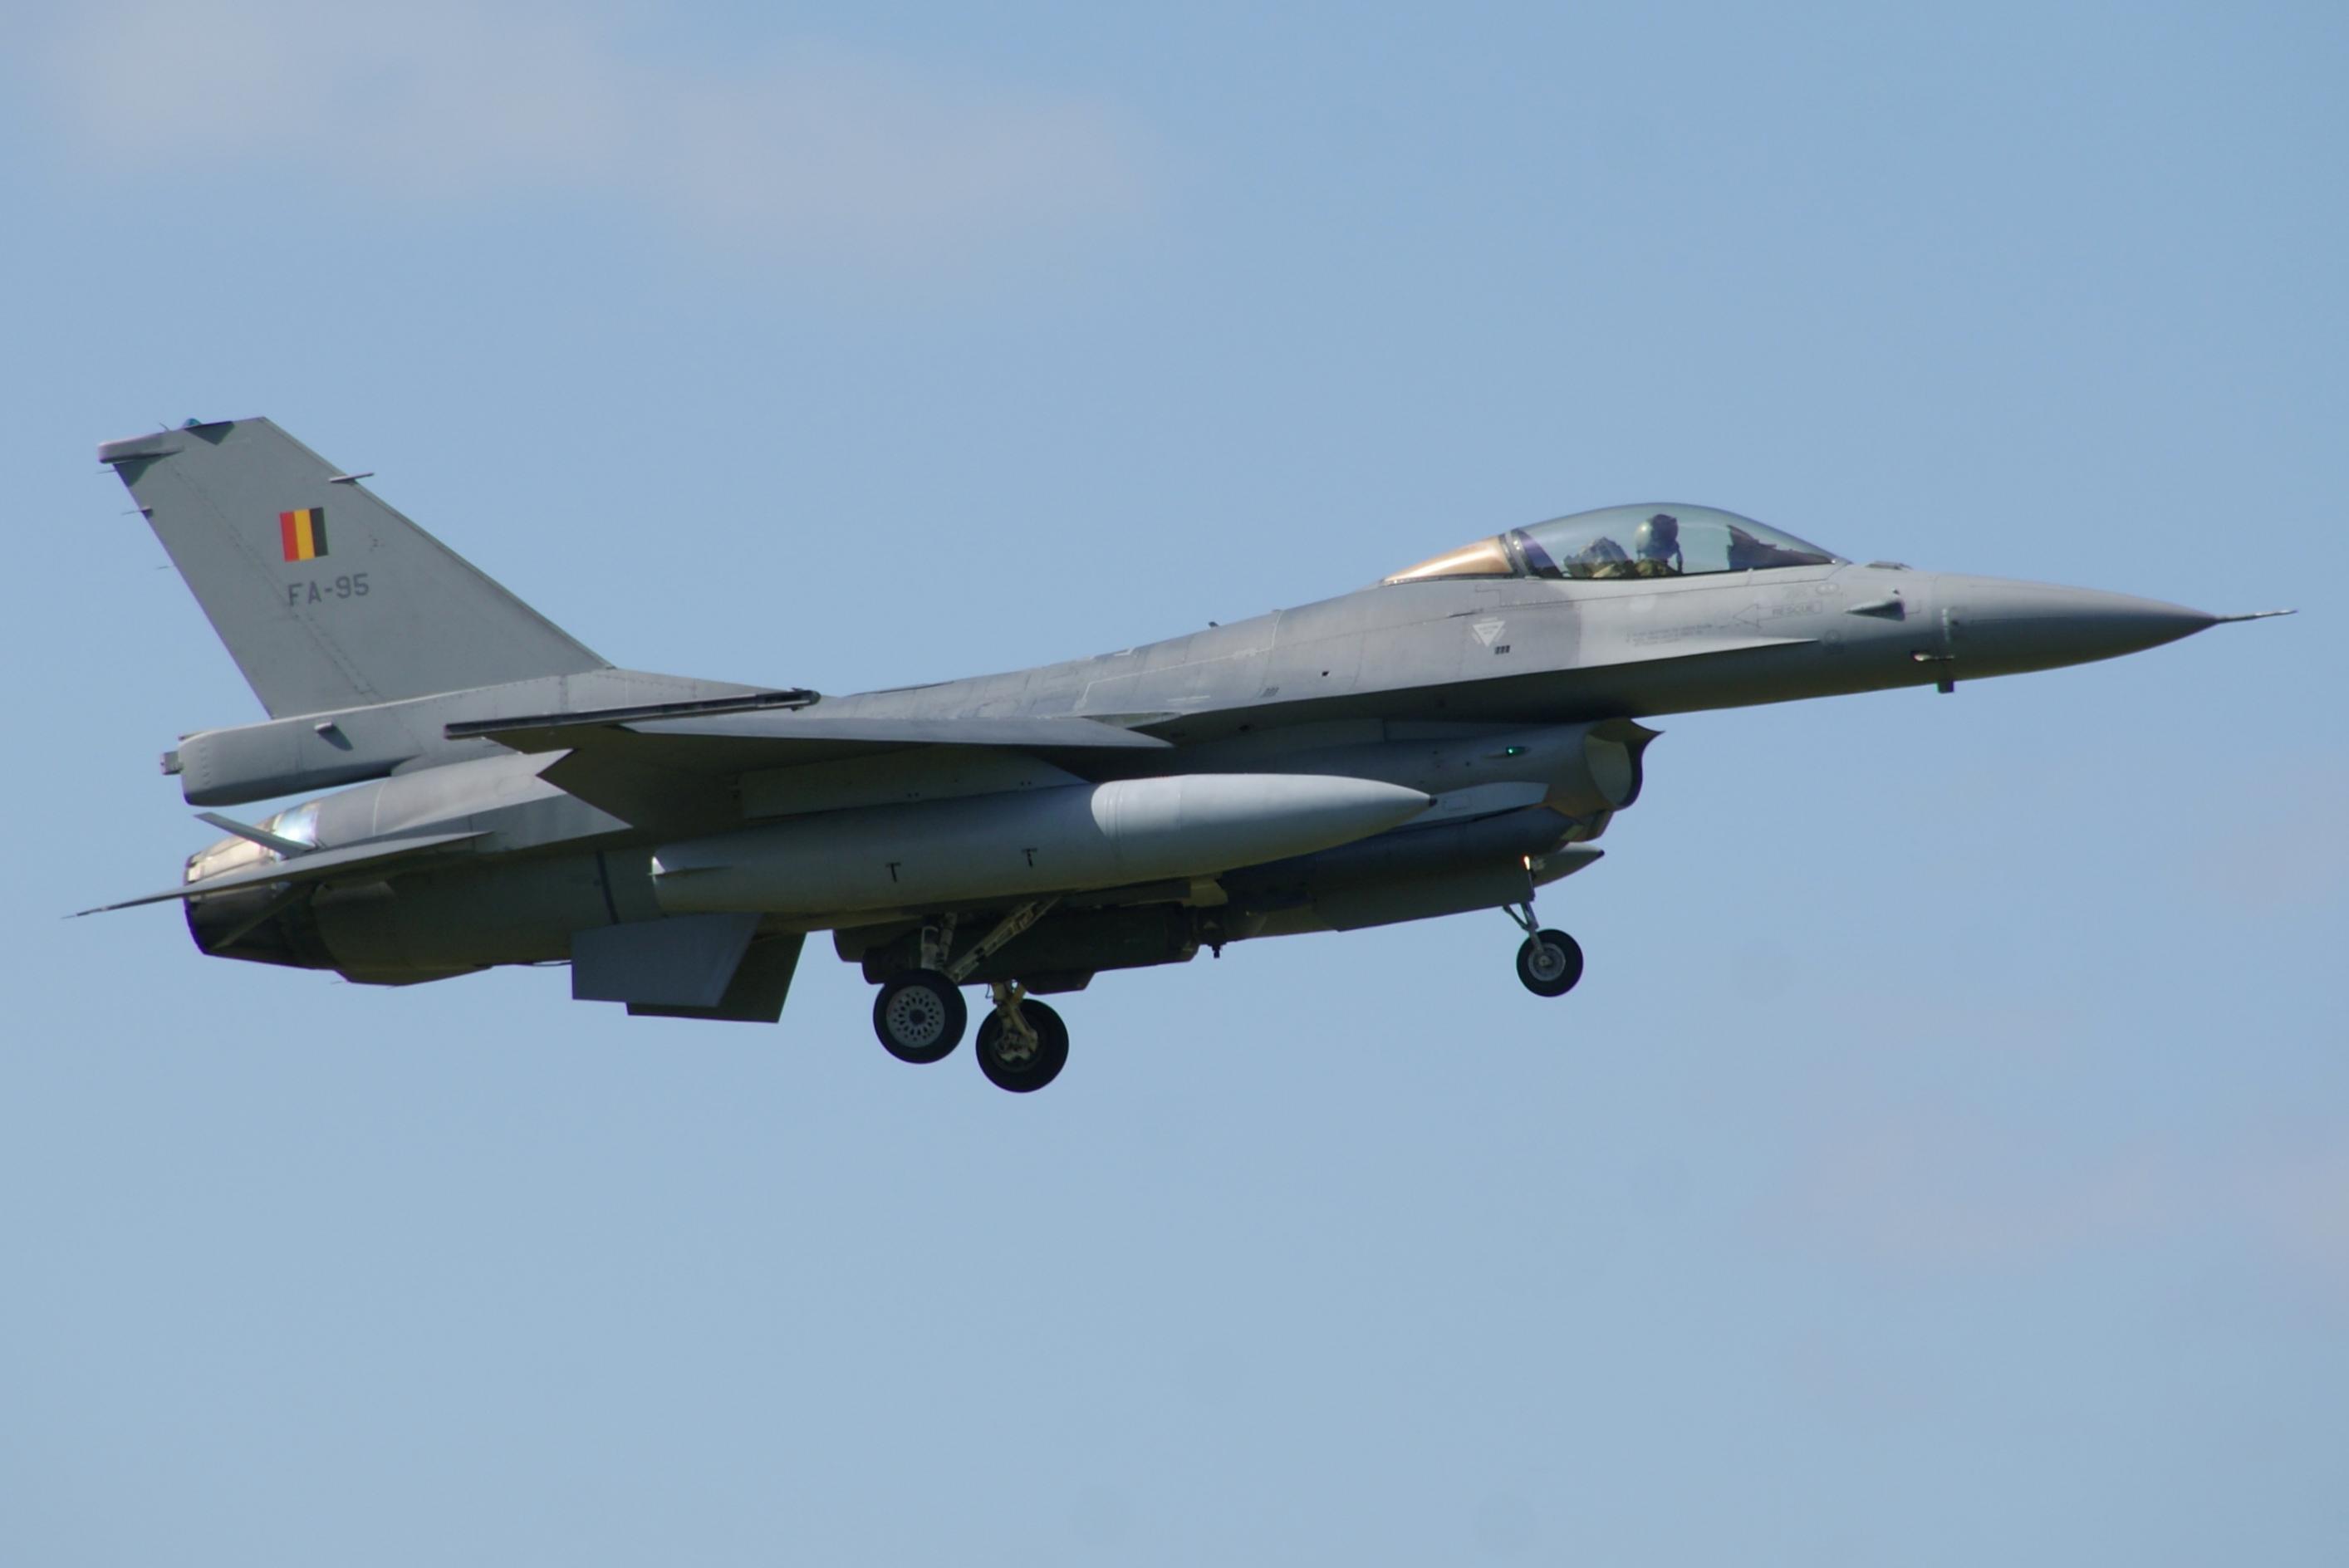 Naam: FA-95 NK.jpg Bekeken: 339 Grootte: 145,0 KB